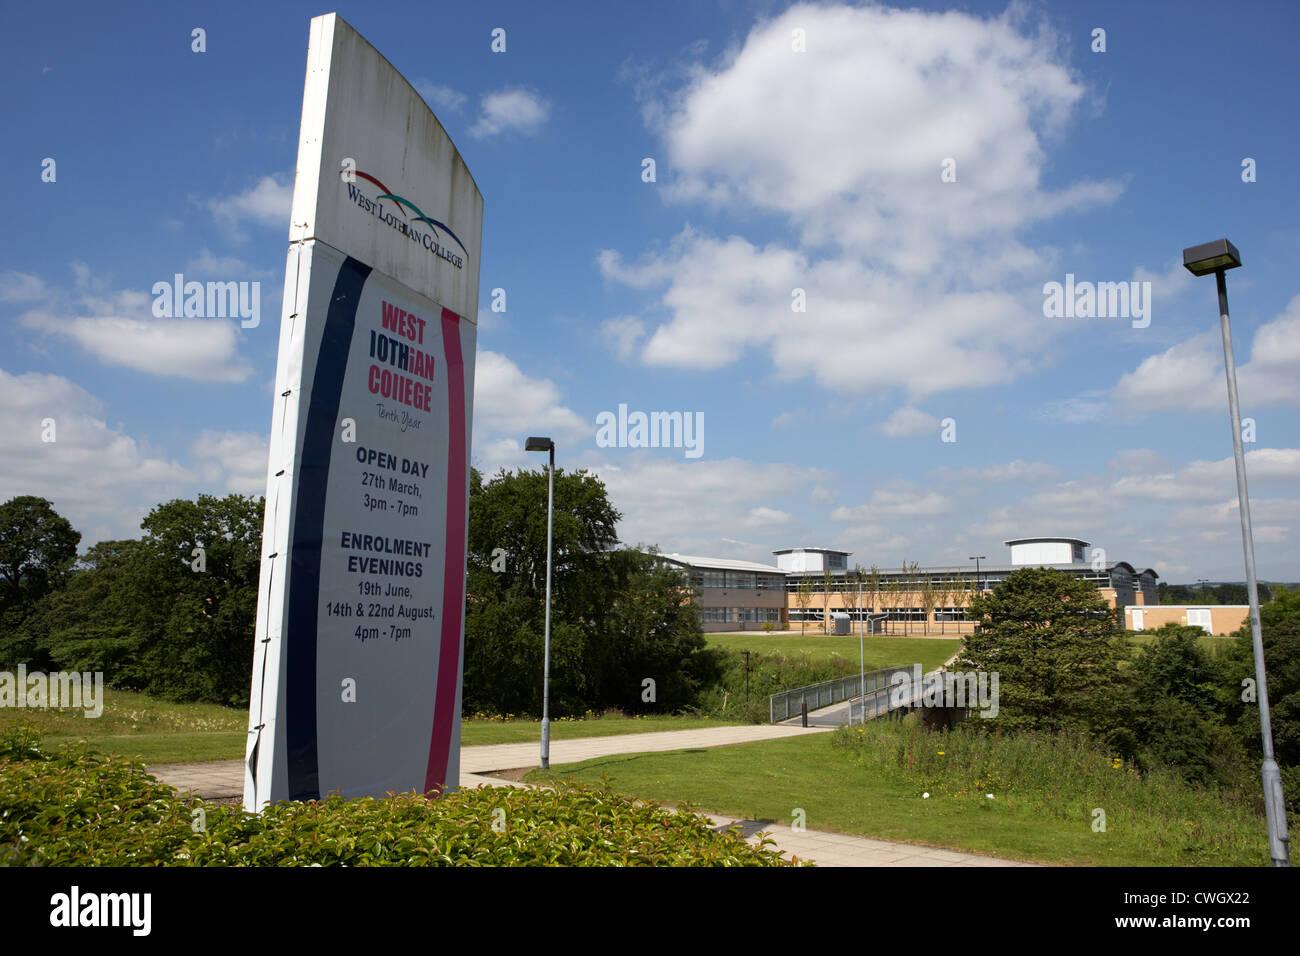 west lothian college Livingston, Scotland, uk, united kingdom - Stock Image